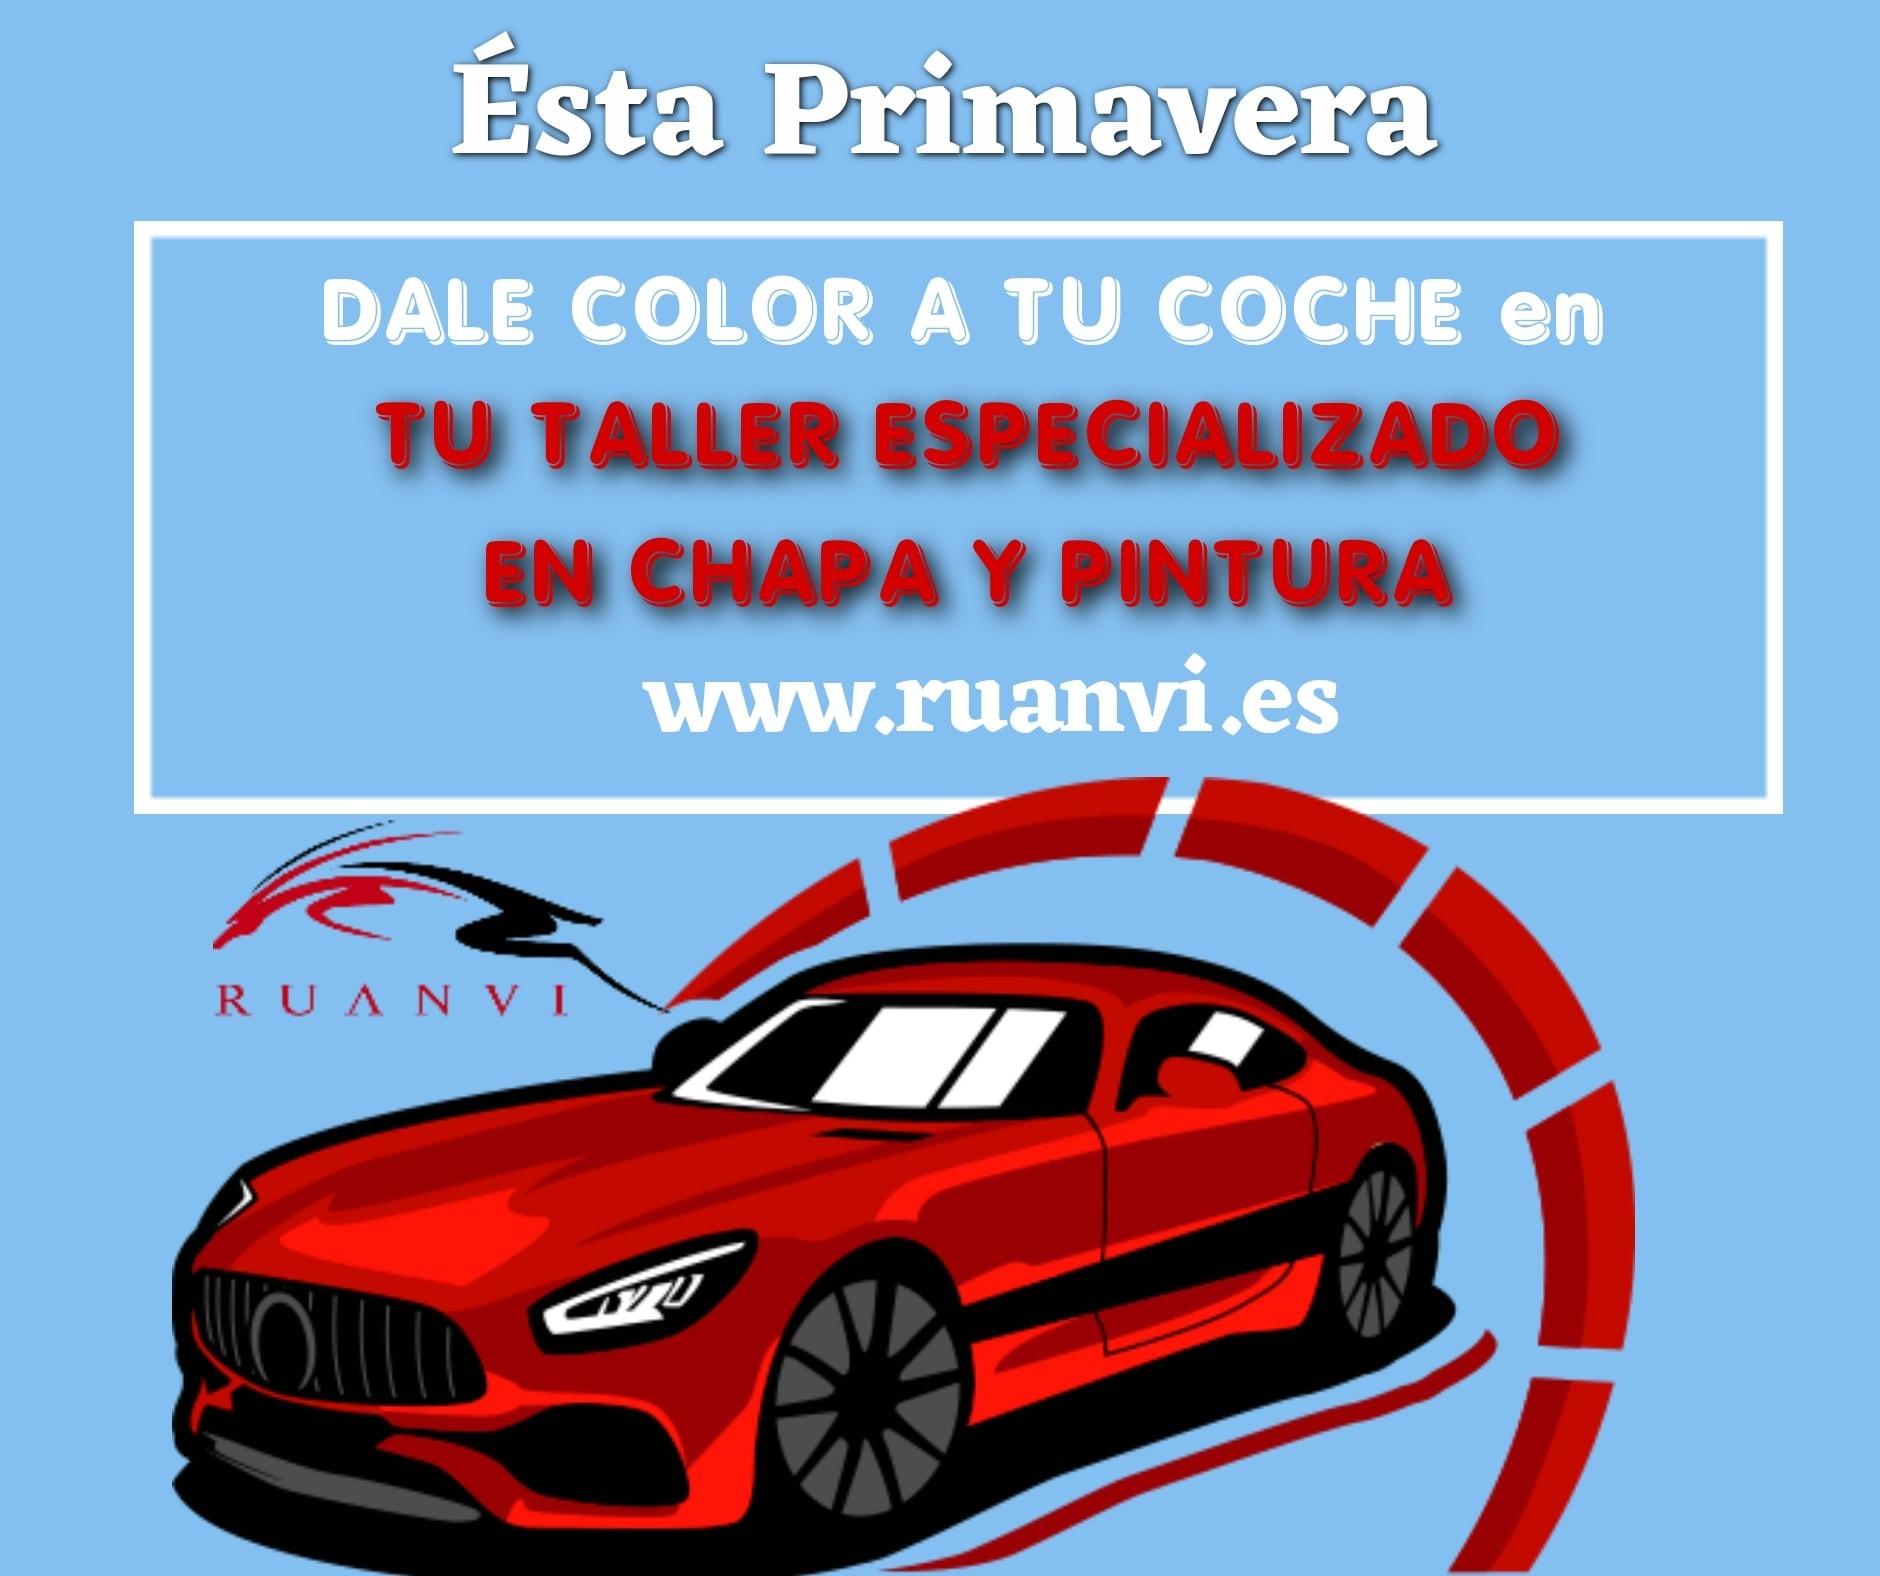 ponle-color-a-tu-coche-www.ruanvi.es-taller-de-chapa-y-pintura-san-vicente-del-raspeig